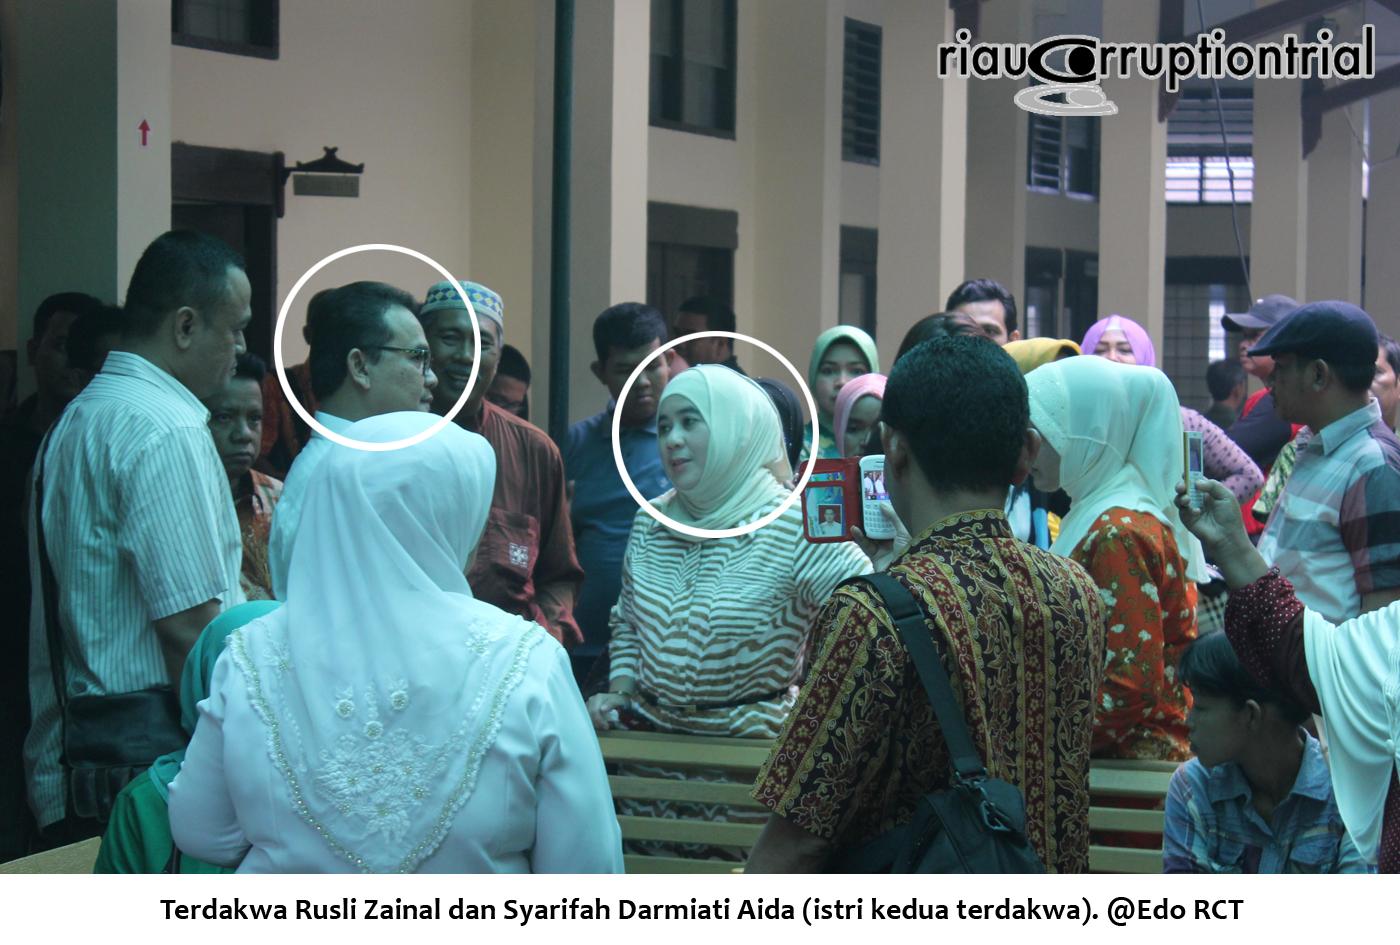 Terdakwa RZ dan Istri kedua terdakwa